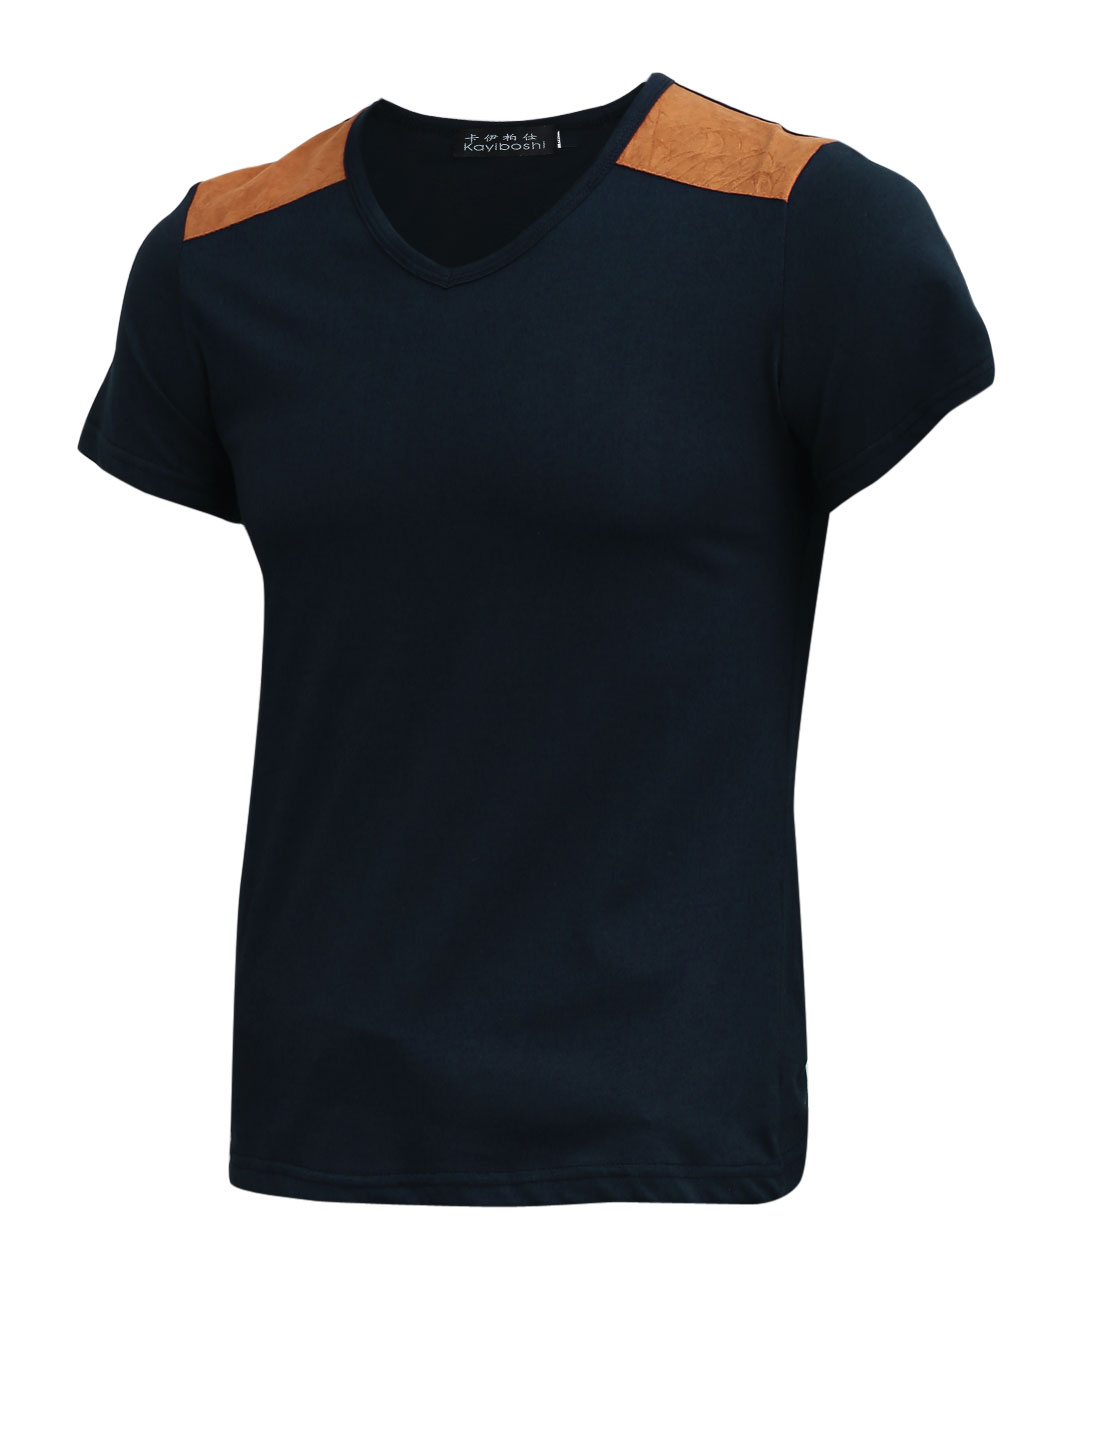 Navy Blue V Neck Short-sleeved Slim Fit Basic Tee Shirt for Men S